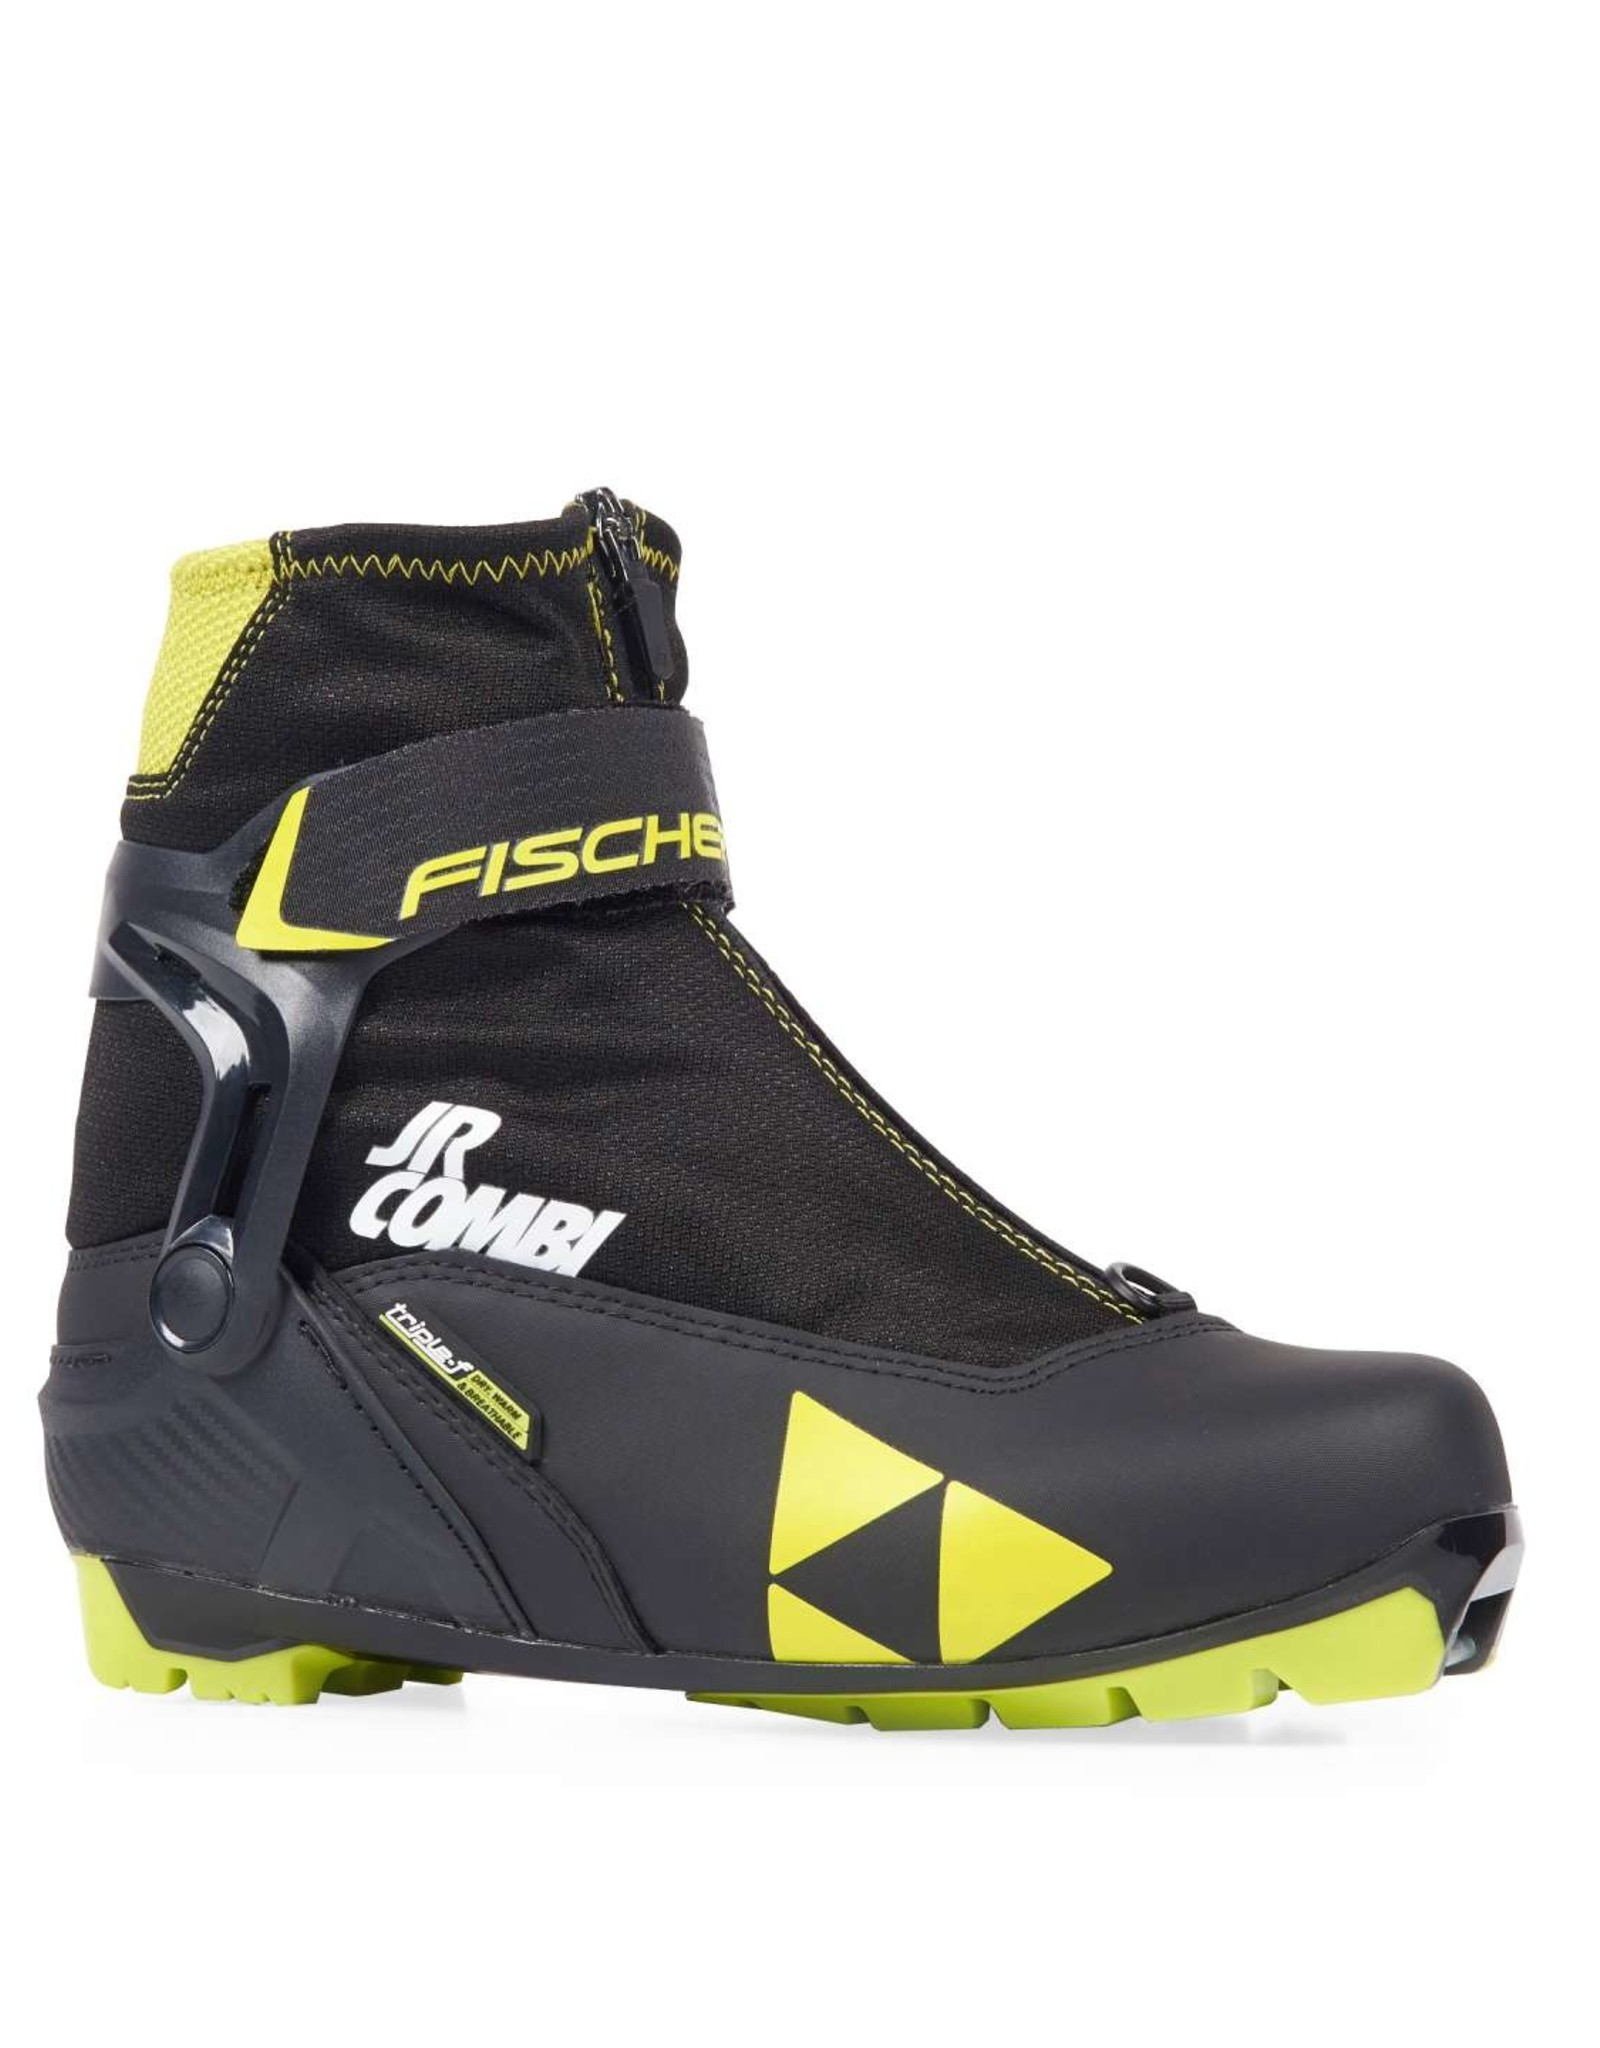 Fischer Jr Combi Boot